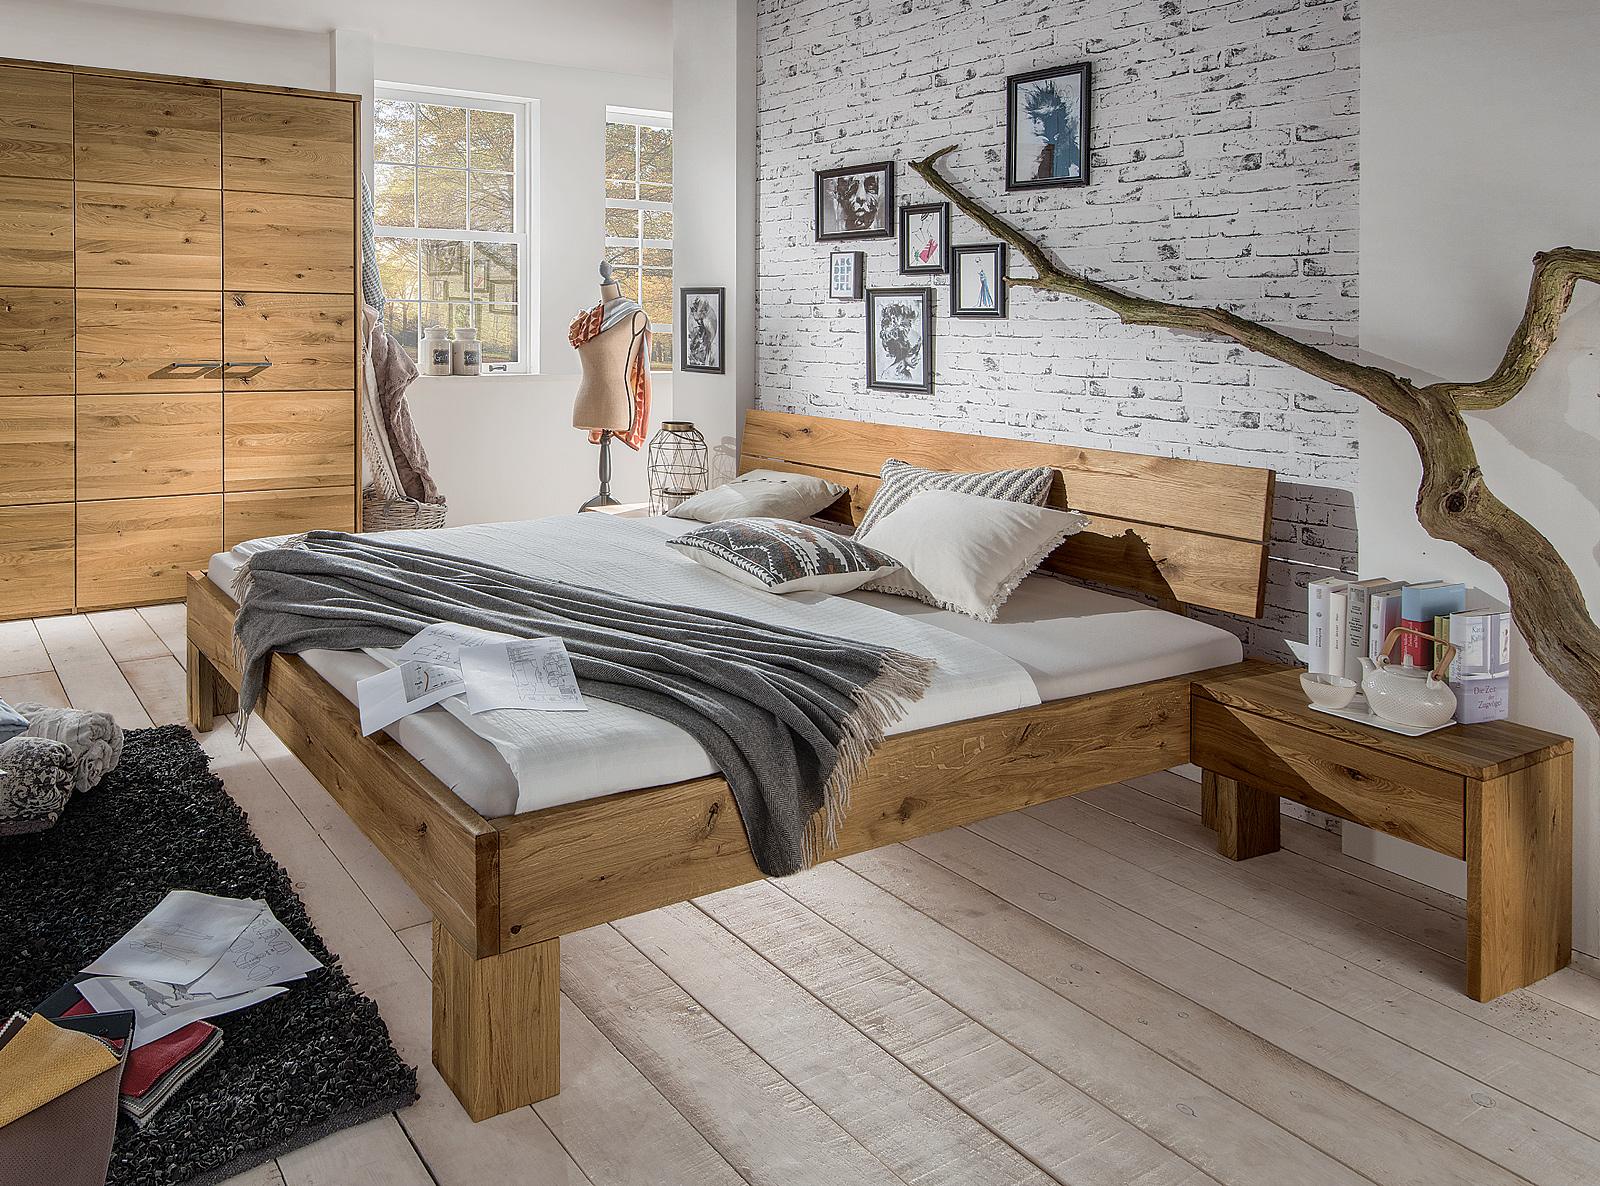 selva schlafzimmer. Black Bedroom Furniture Sets. Home Design Ideas